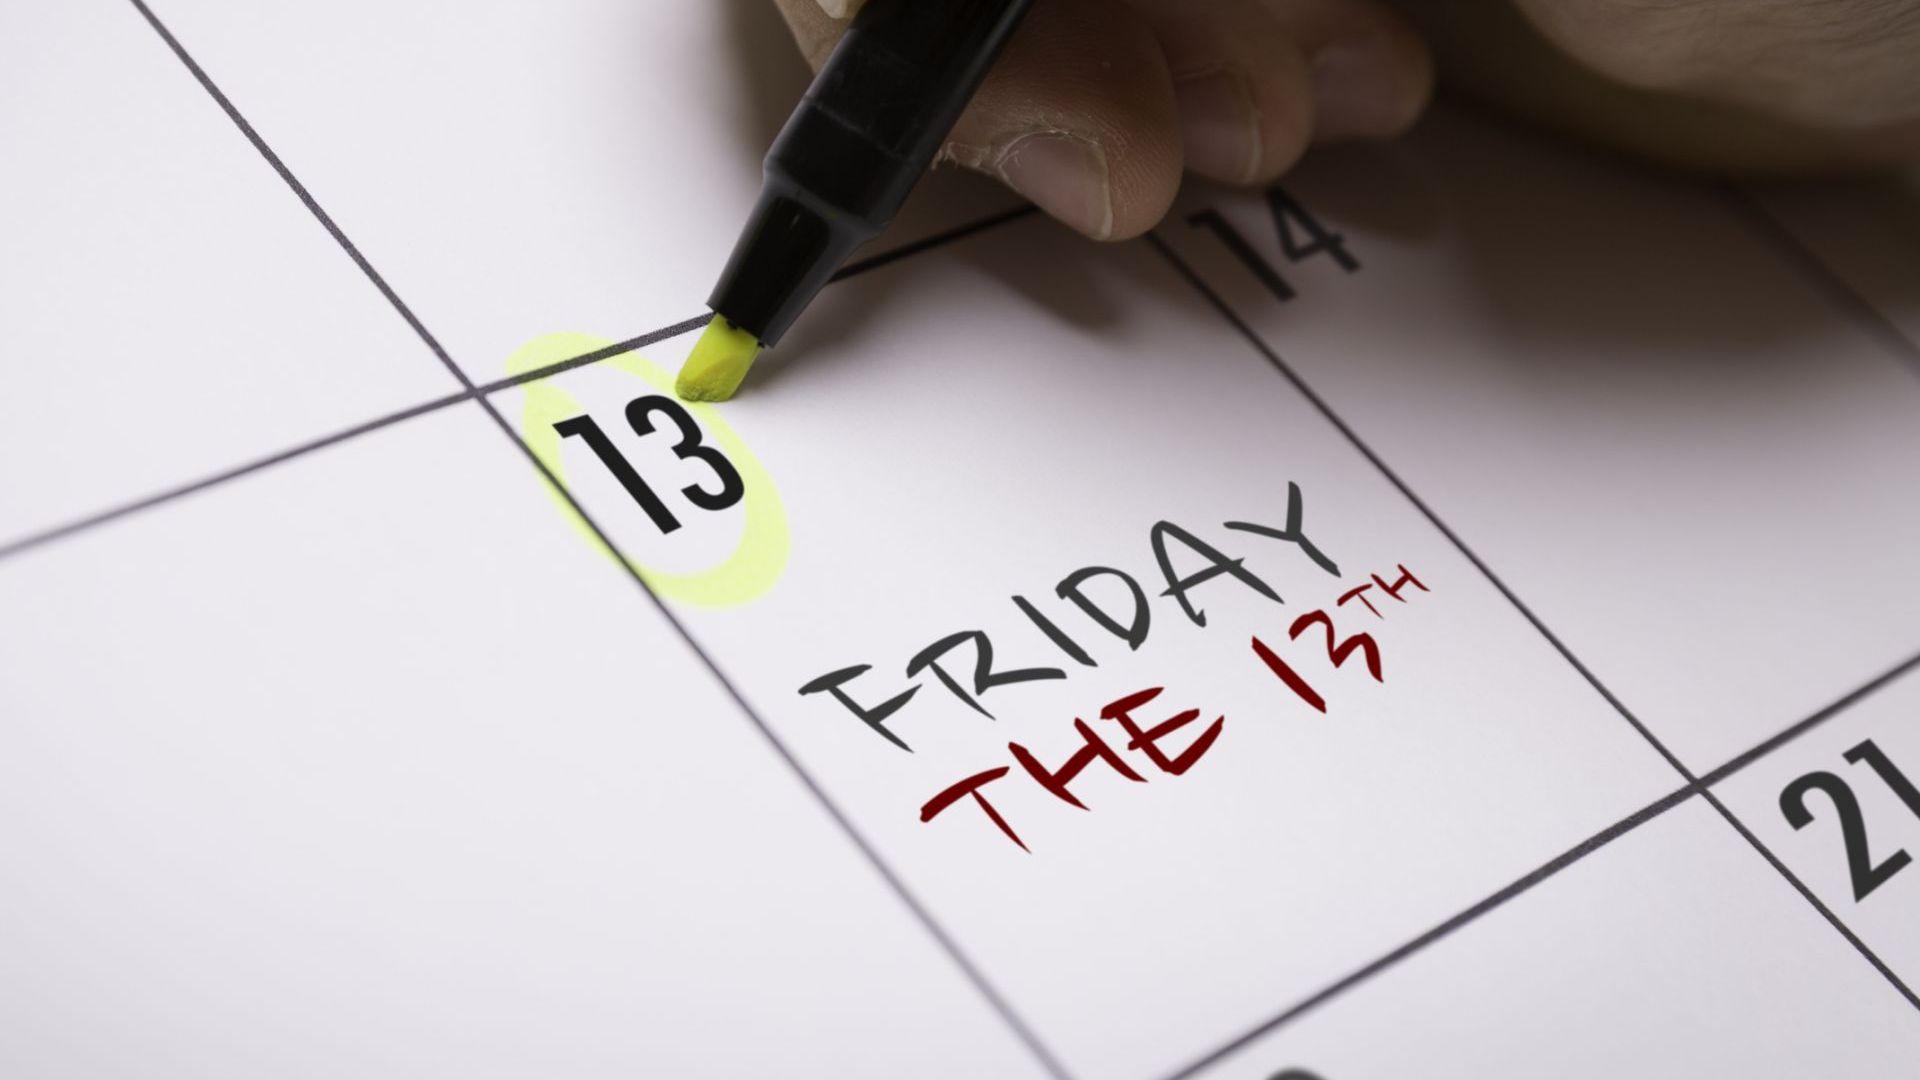 Свръхестественост или забавна игра с цифри: Днес е единственият петък 13-и за 2021 г.